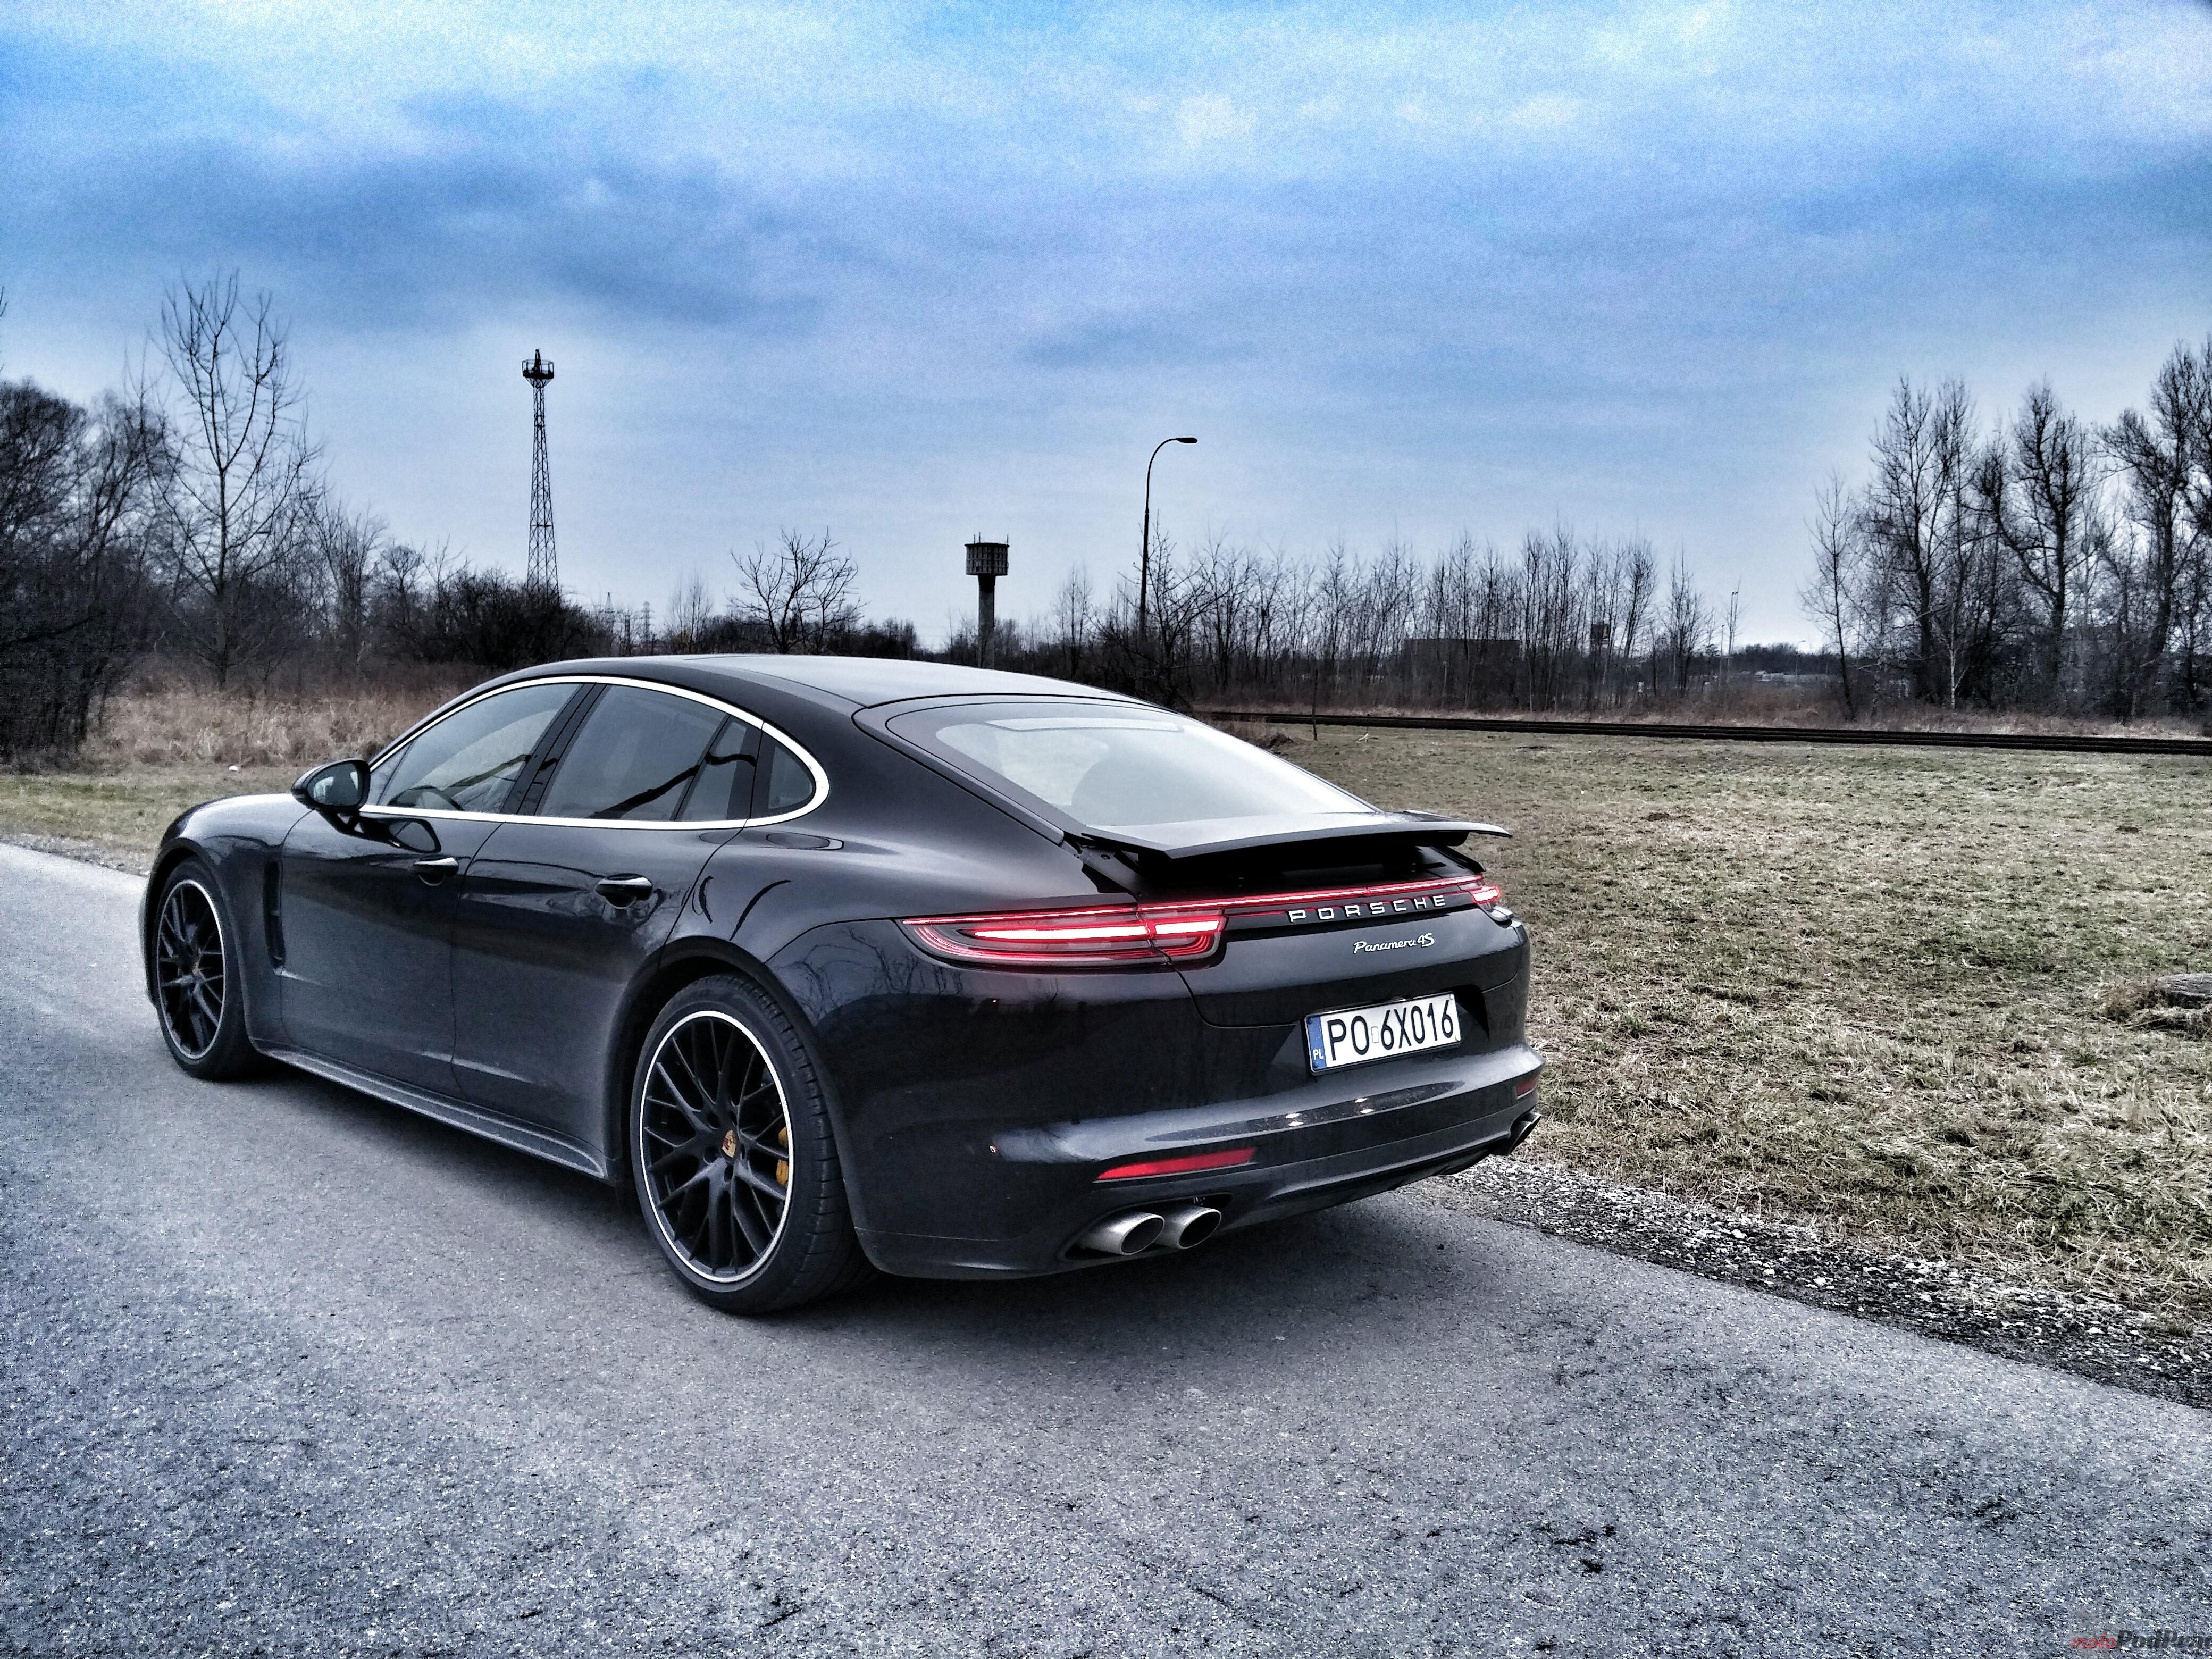 Porsche Panamera 4S Diesel 9 5 minut z   Porsche Panamera 4S Diesel